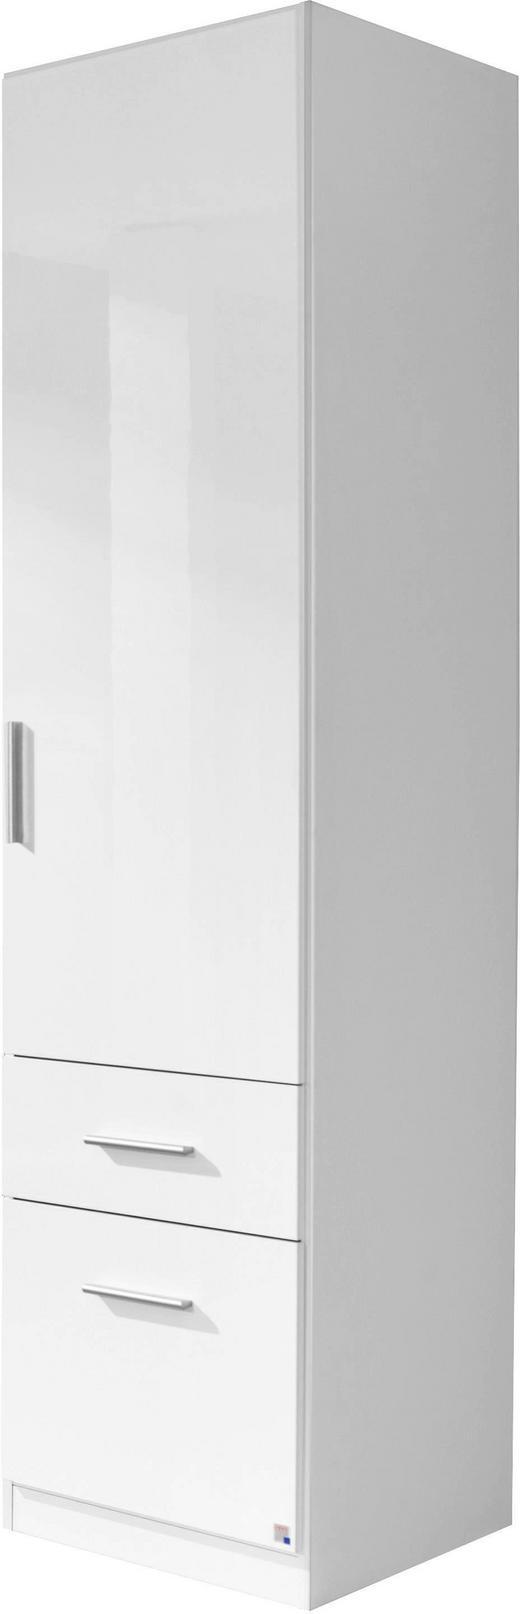 KLEIDERSCHRANK 1-türig Weiß - Alufarben/Weiß, KONVENTIONELL, Kunststoff (47/197/54cm) - Carryhome